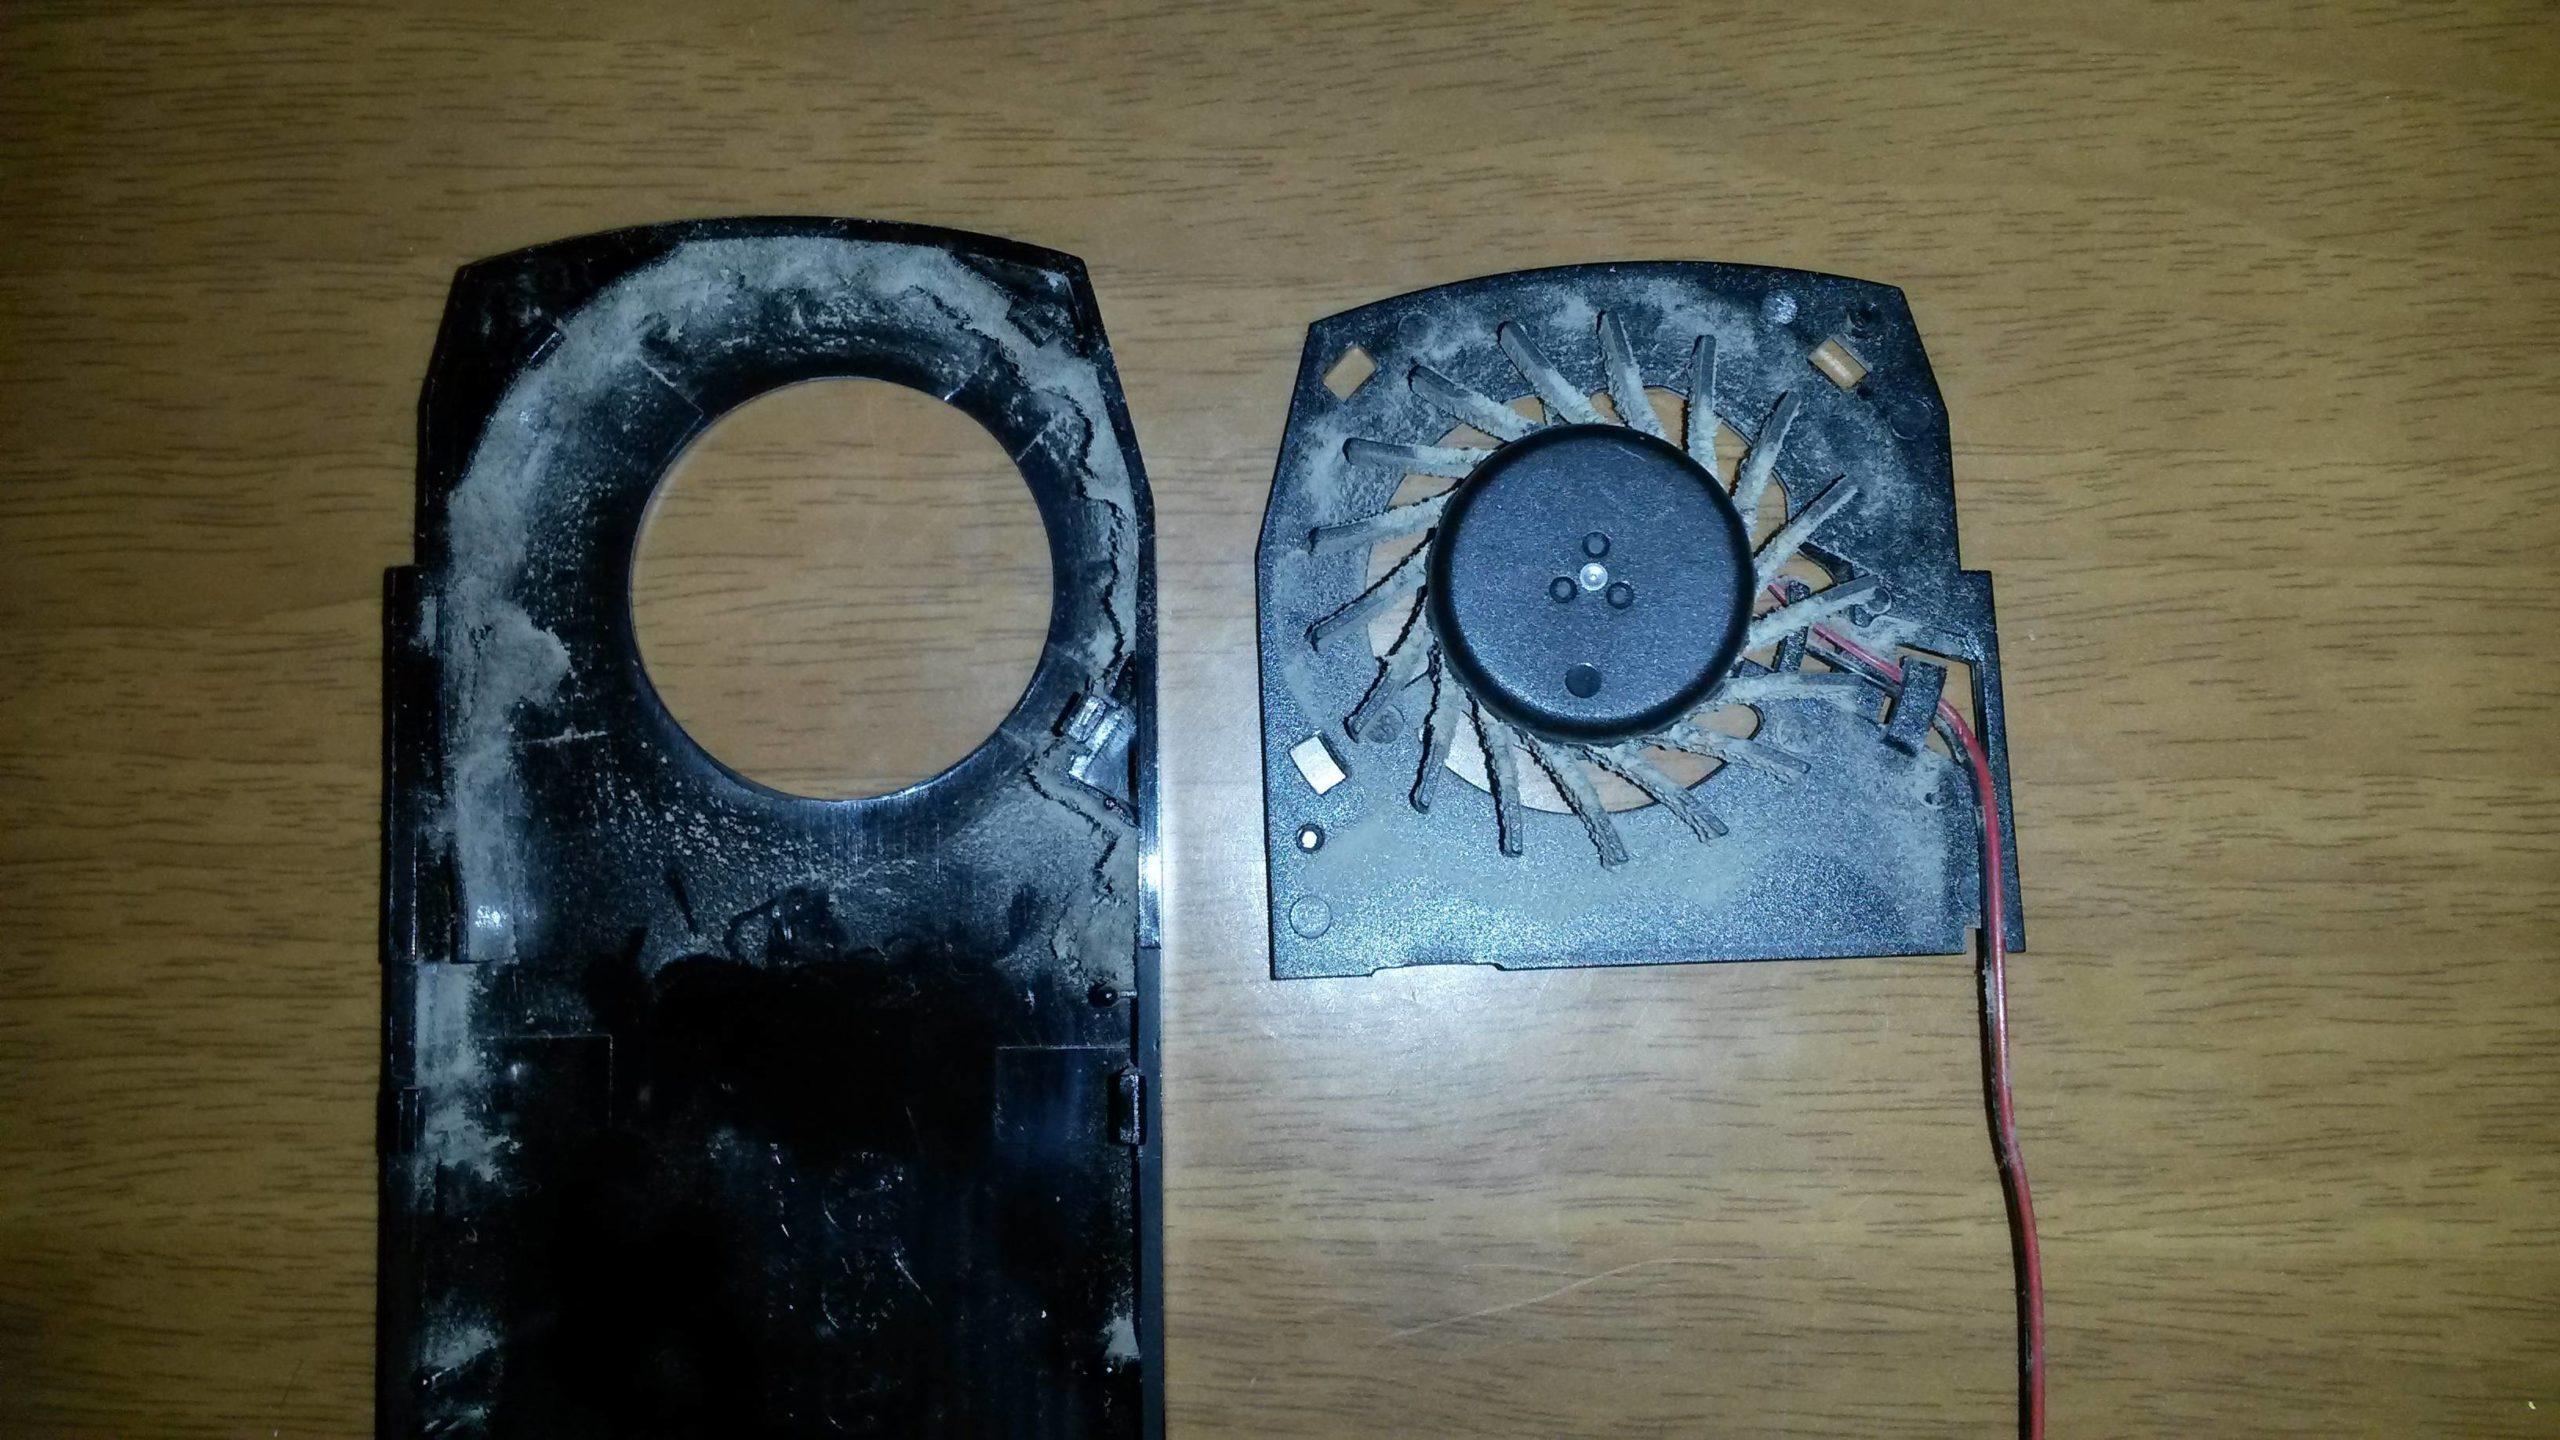 Fix-GPU-Fans-Not-Spinning-clean-dusty-fans